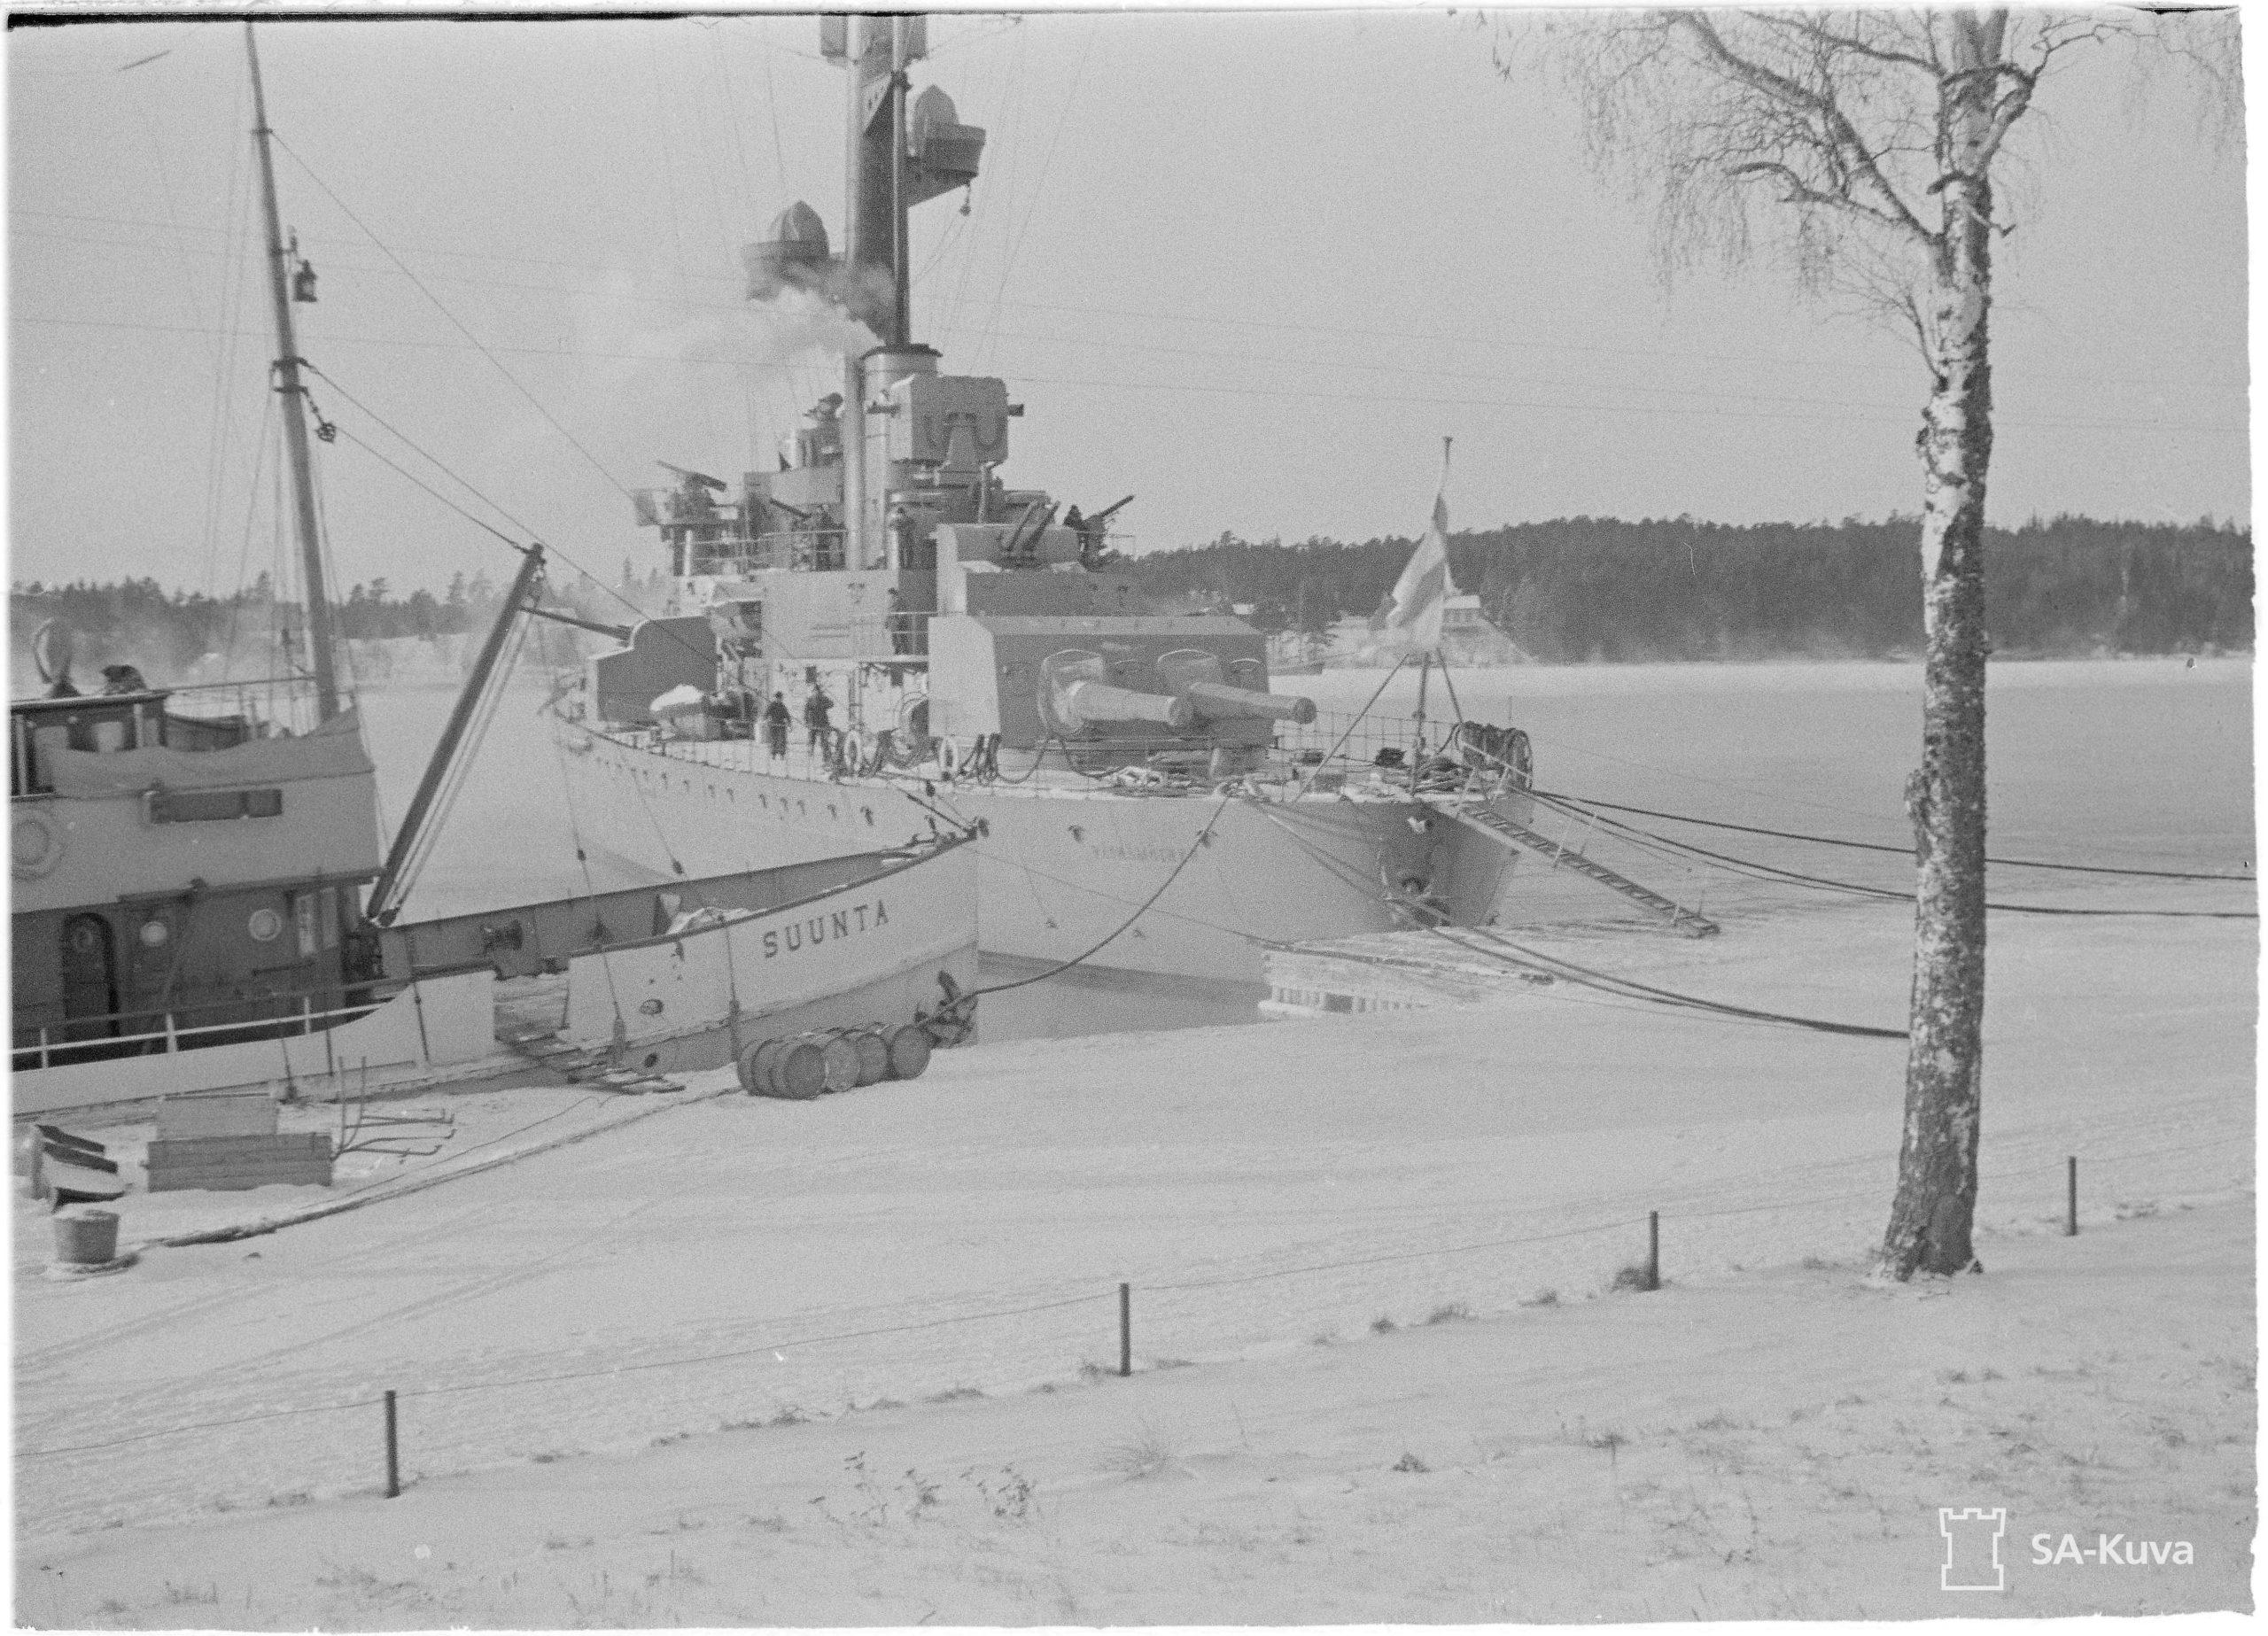 Pansarfartyget Väinämöinen i åländska vatten i januari 1940. Fotograf okänd. SA-bild